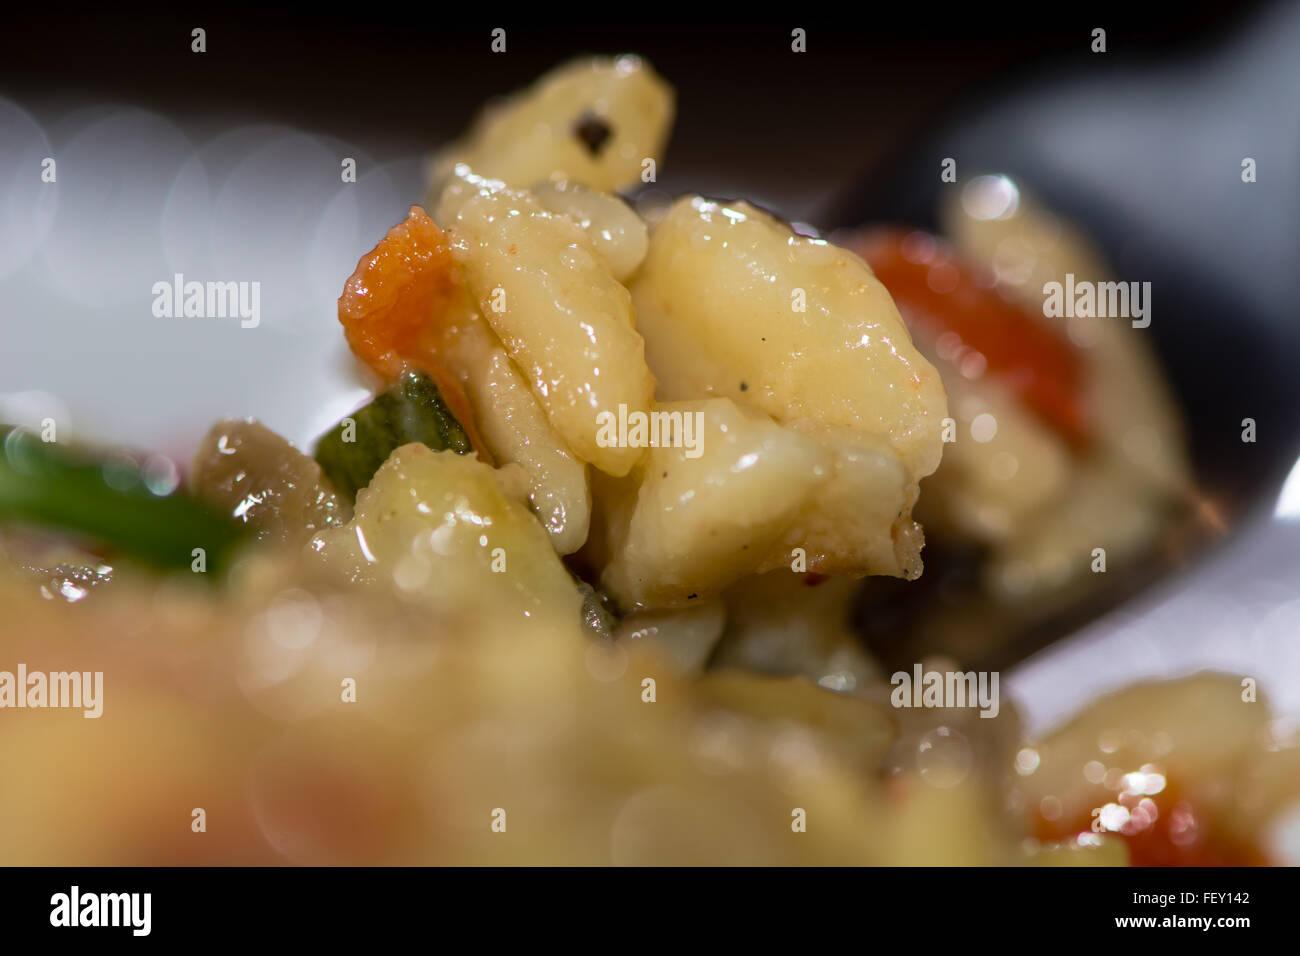 Risotto pasta provenzale. Riso Pasta con le melanzane, zucchine, pepe e parmigiano salsa: provenzali, Riso pasta Immagini Stock